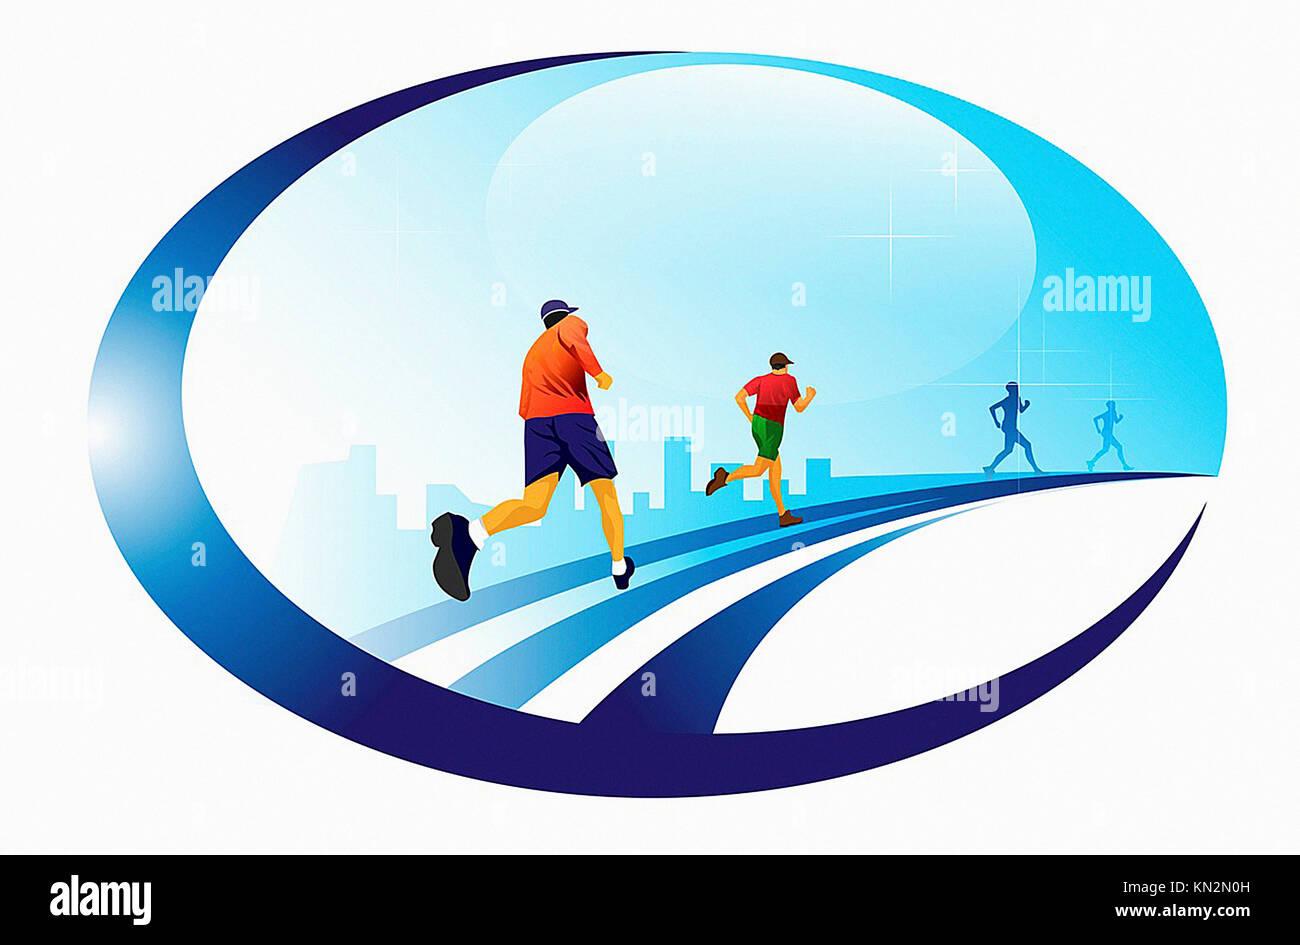 En marcha, 4 corredores masculinos, ilustración vectorial Imagen De Stock